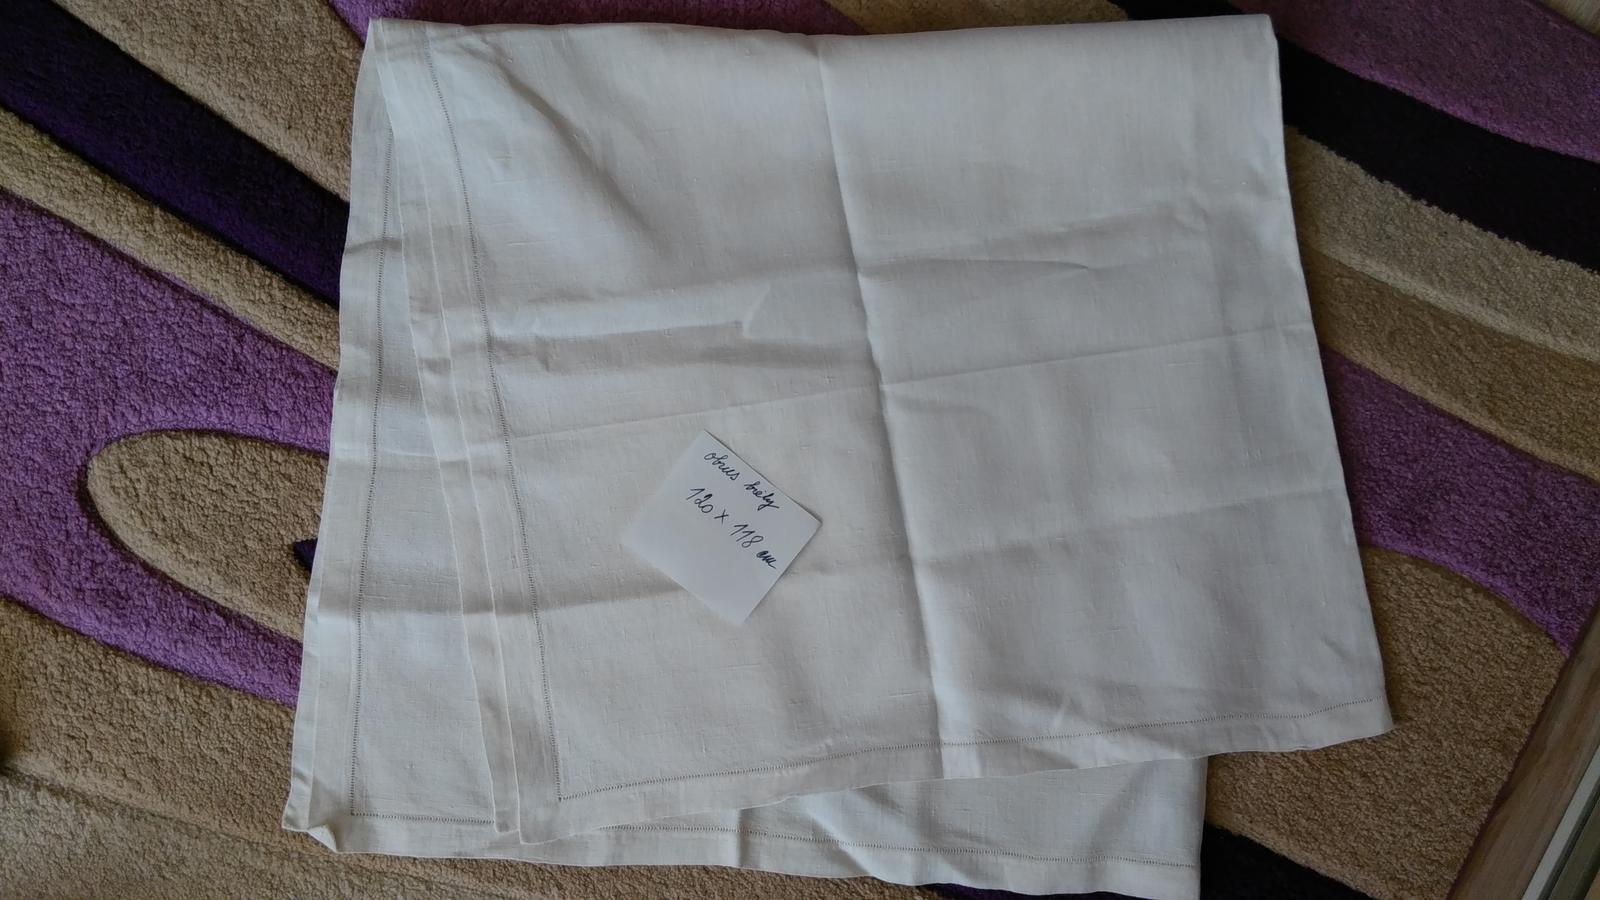 obrus biely s ažúrou - Obrázok č. 1